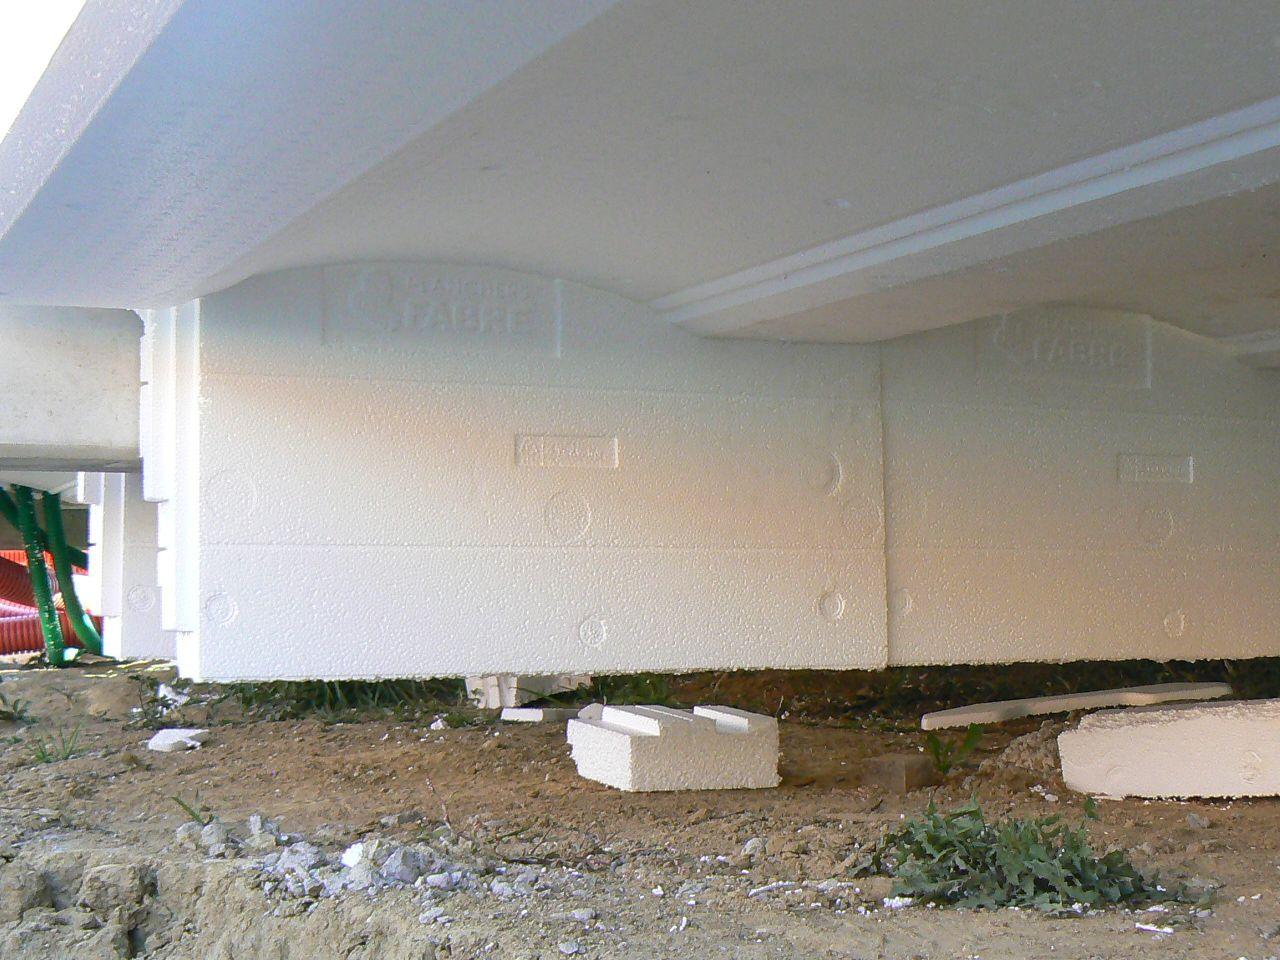 Rupteurs de pont thermique sous plancher du rez chaussée.